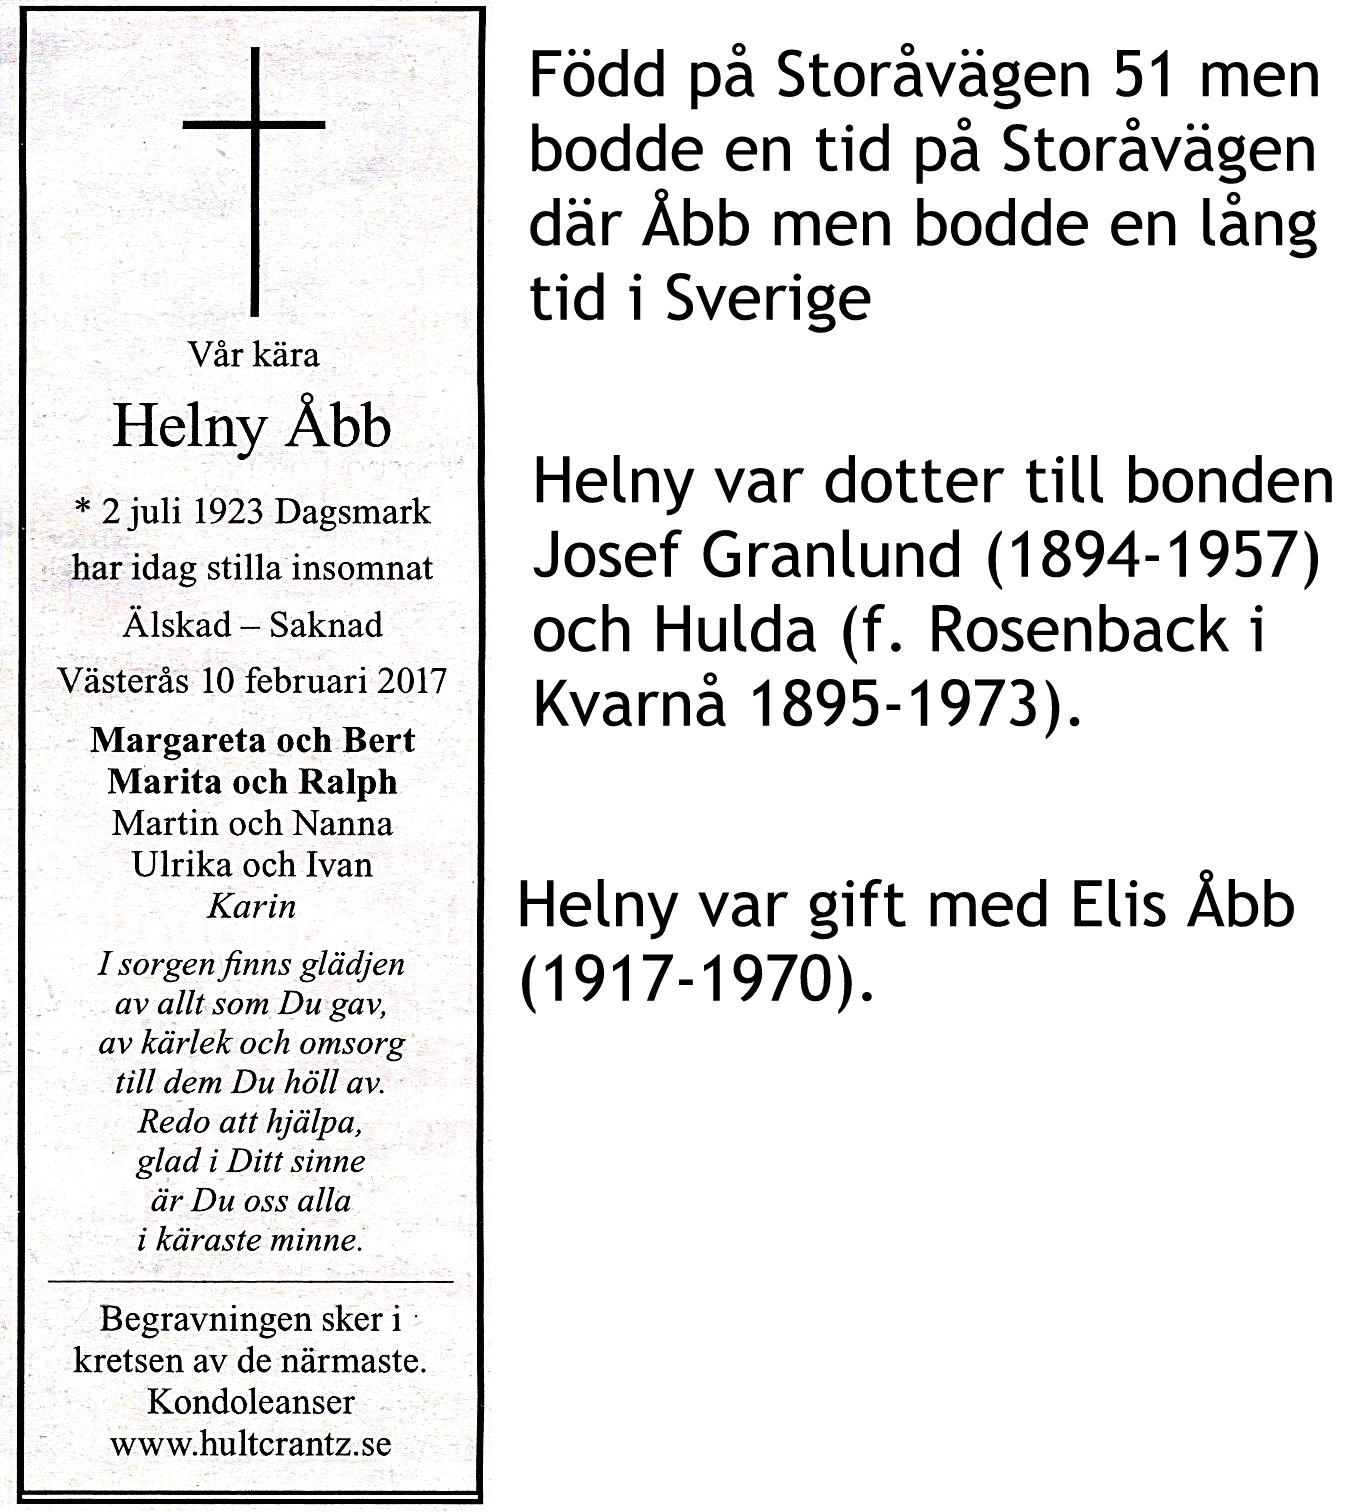 Åbb Helny